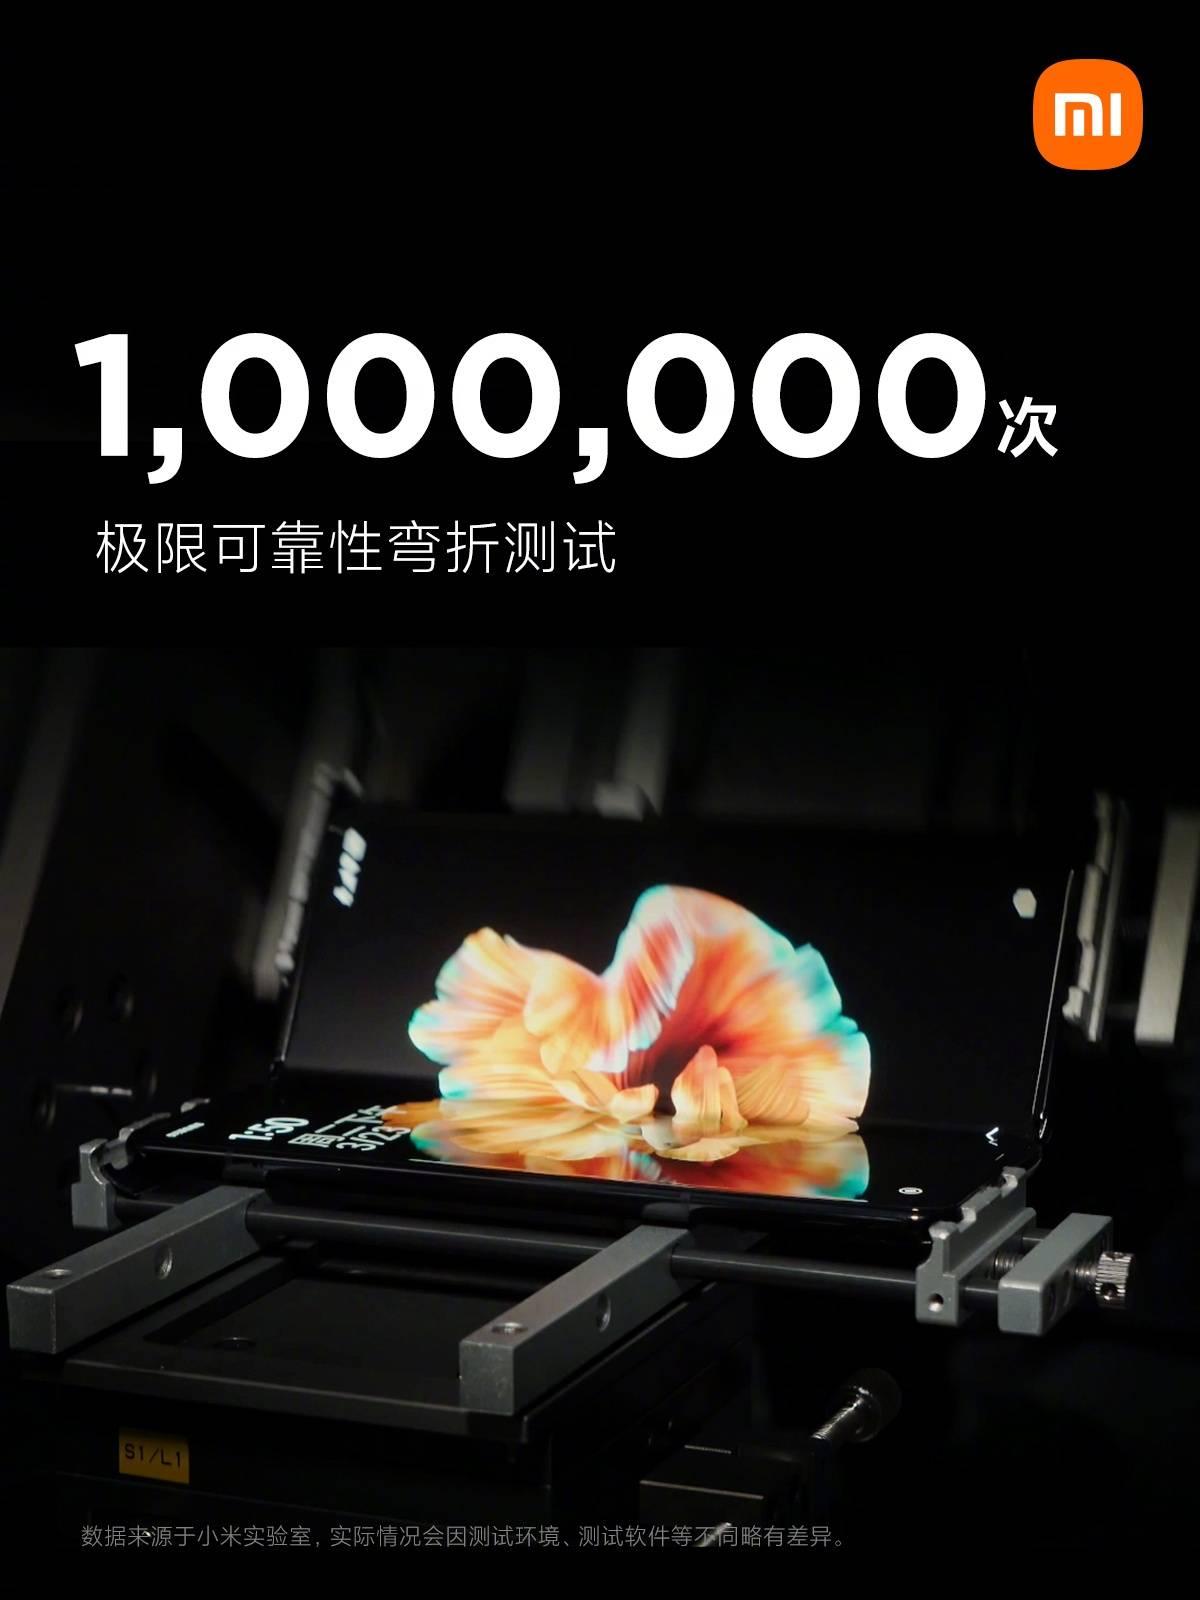 小米MIX FOLD正式发布:100万次极限折叠、9999元起的照片 - 4